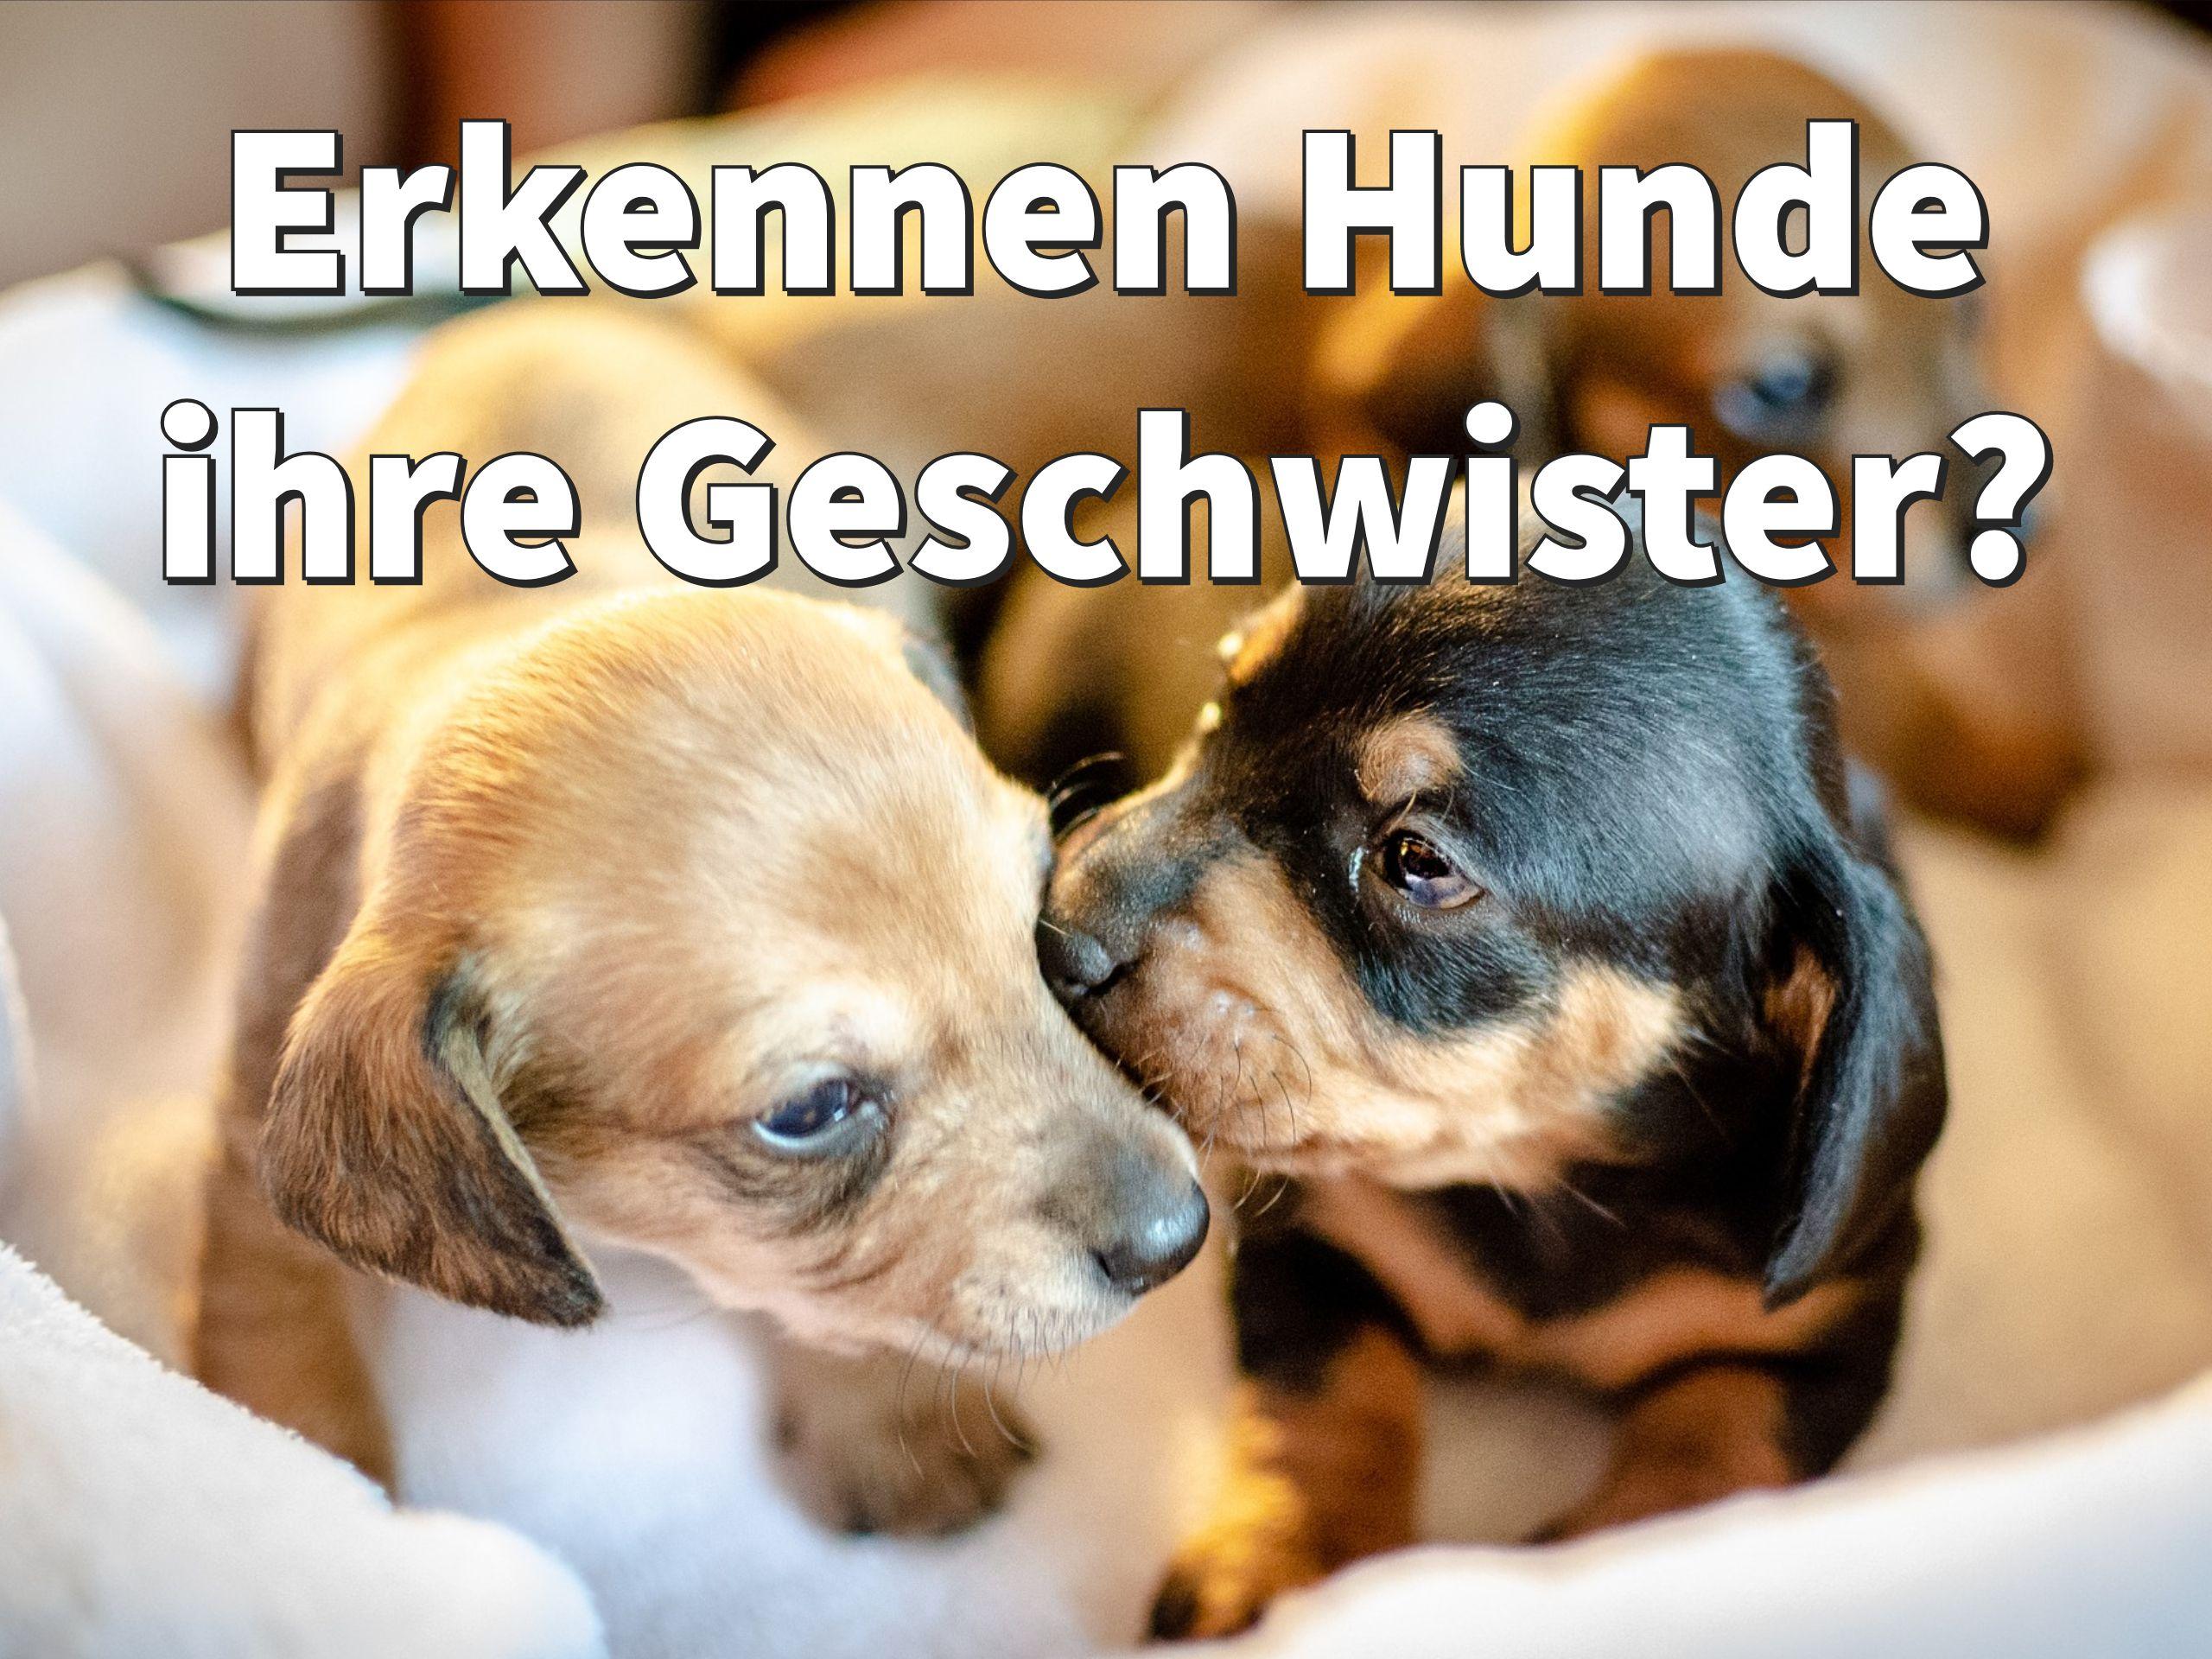 Wie Erkennen Hunde Ihre Geschwister Wieder Hunde Hunde Geruch Hundeverhalten